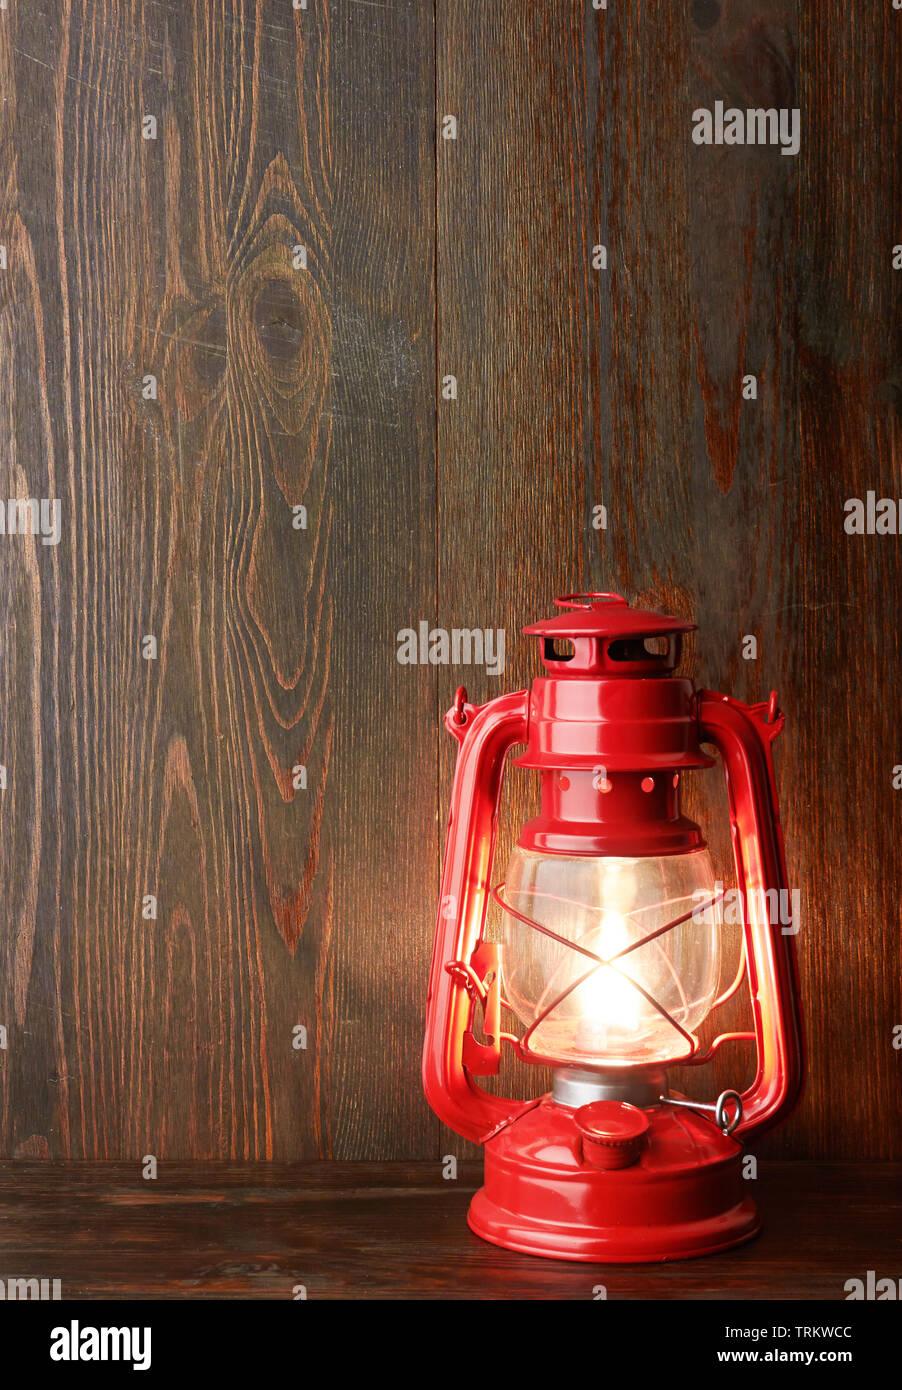 Lantern kerosene oil lamp, on wooden background - Stock Image